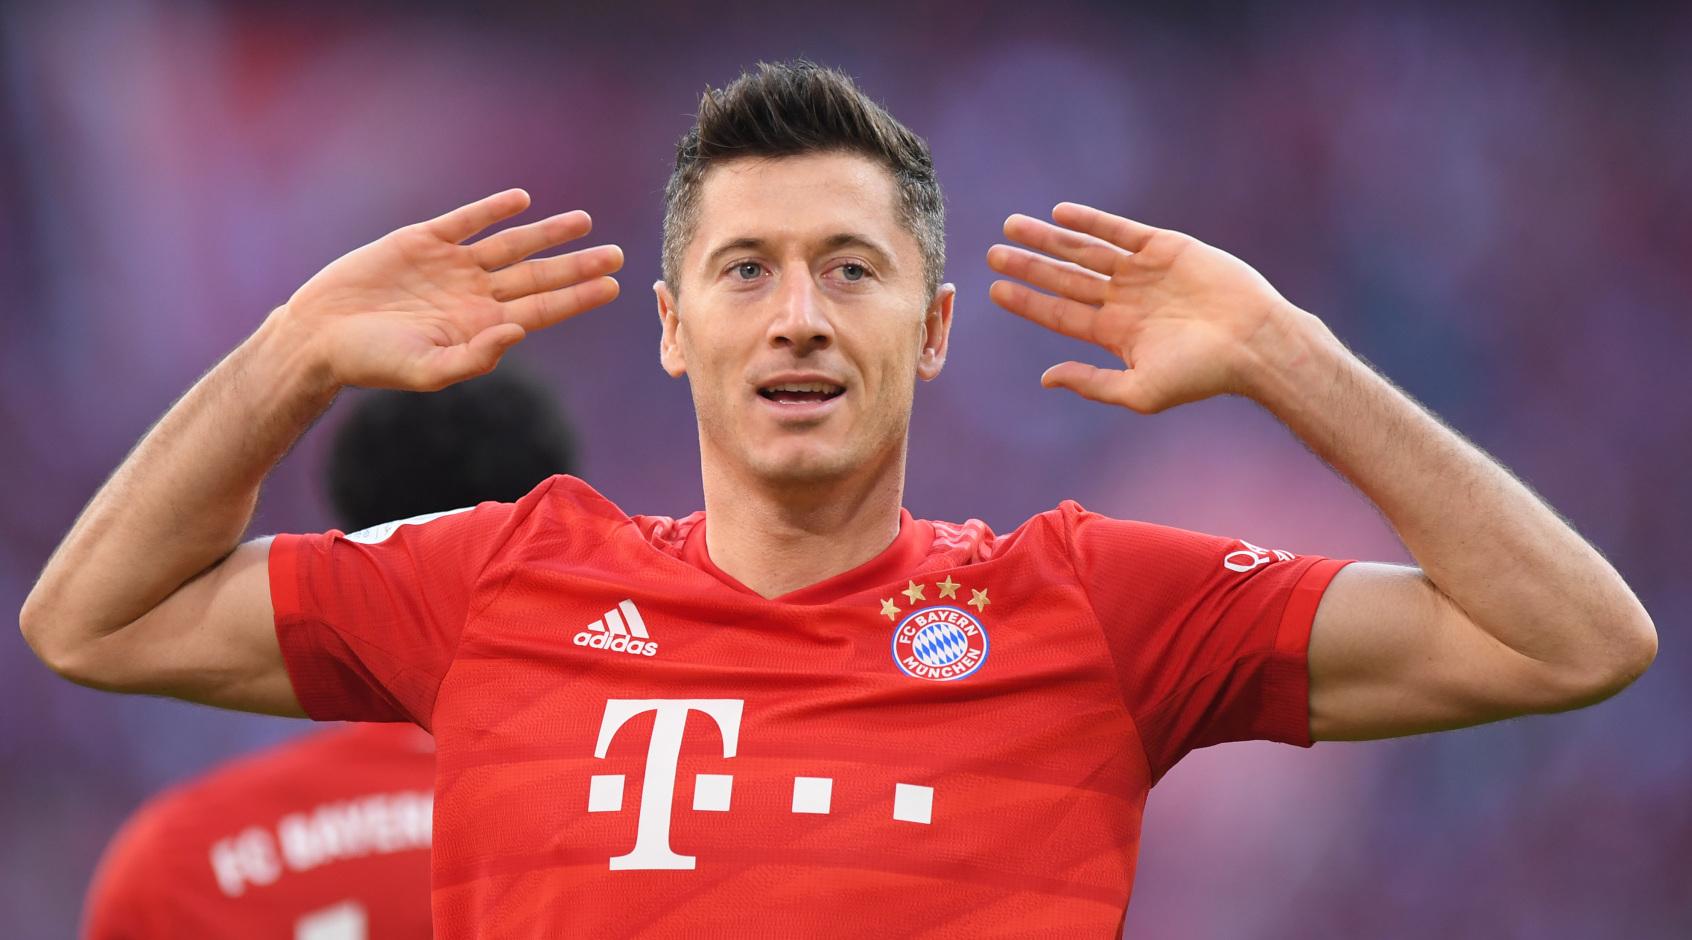 Лига чемпионов обновила рекорд по количеству голов на групповом этапе